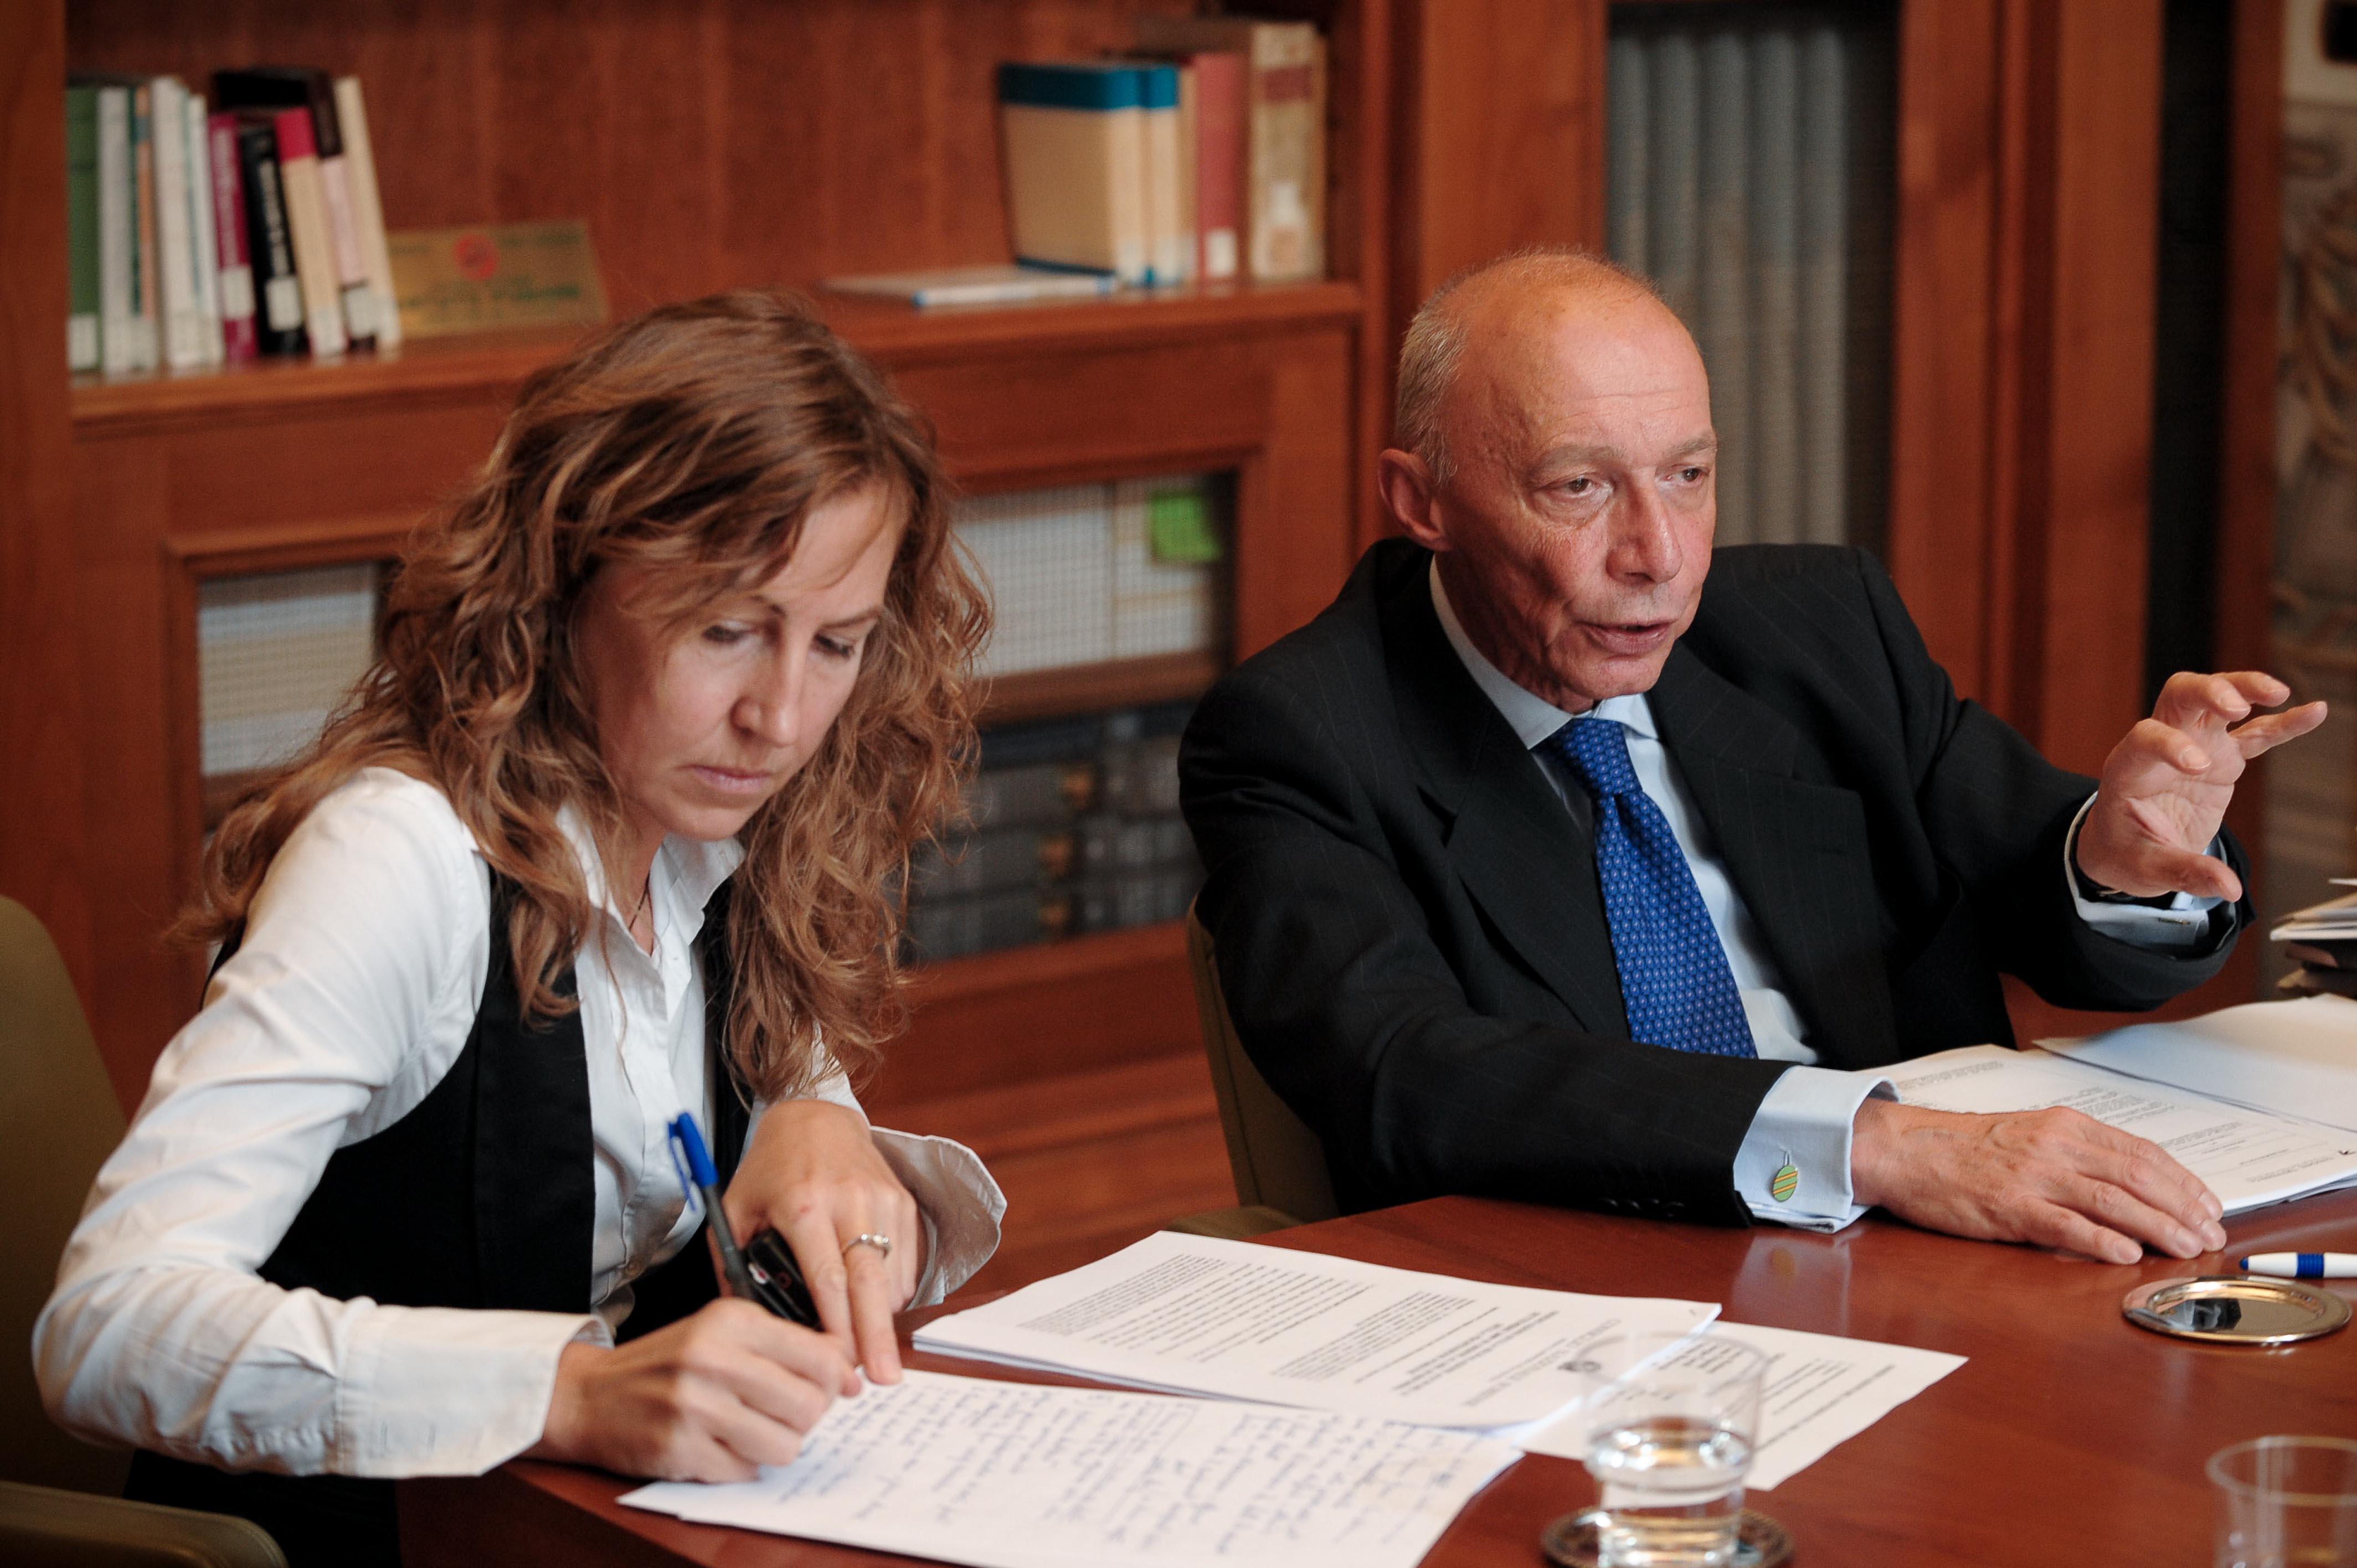 Claudia Morelli e Guido Alpa durante una conferenza stampa in Consiglio Nazionale Forense